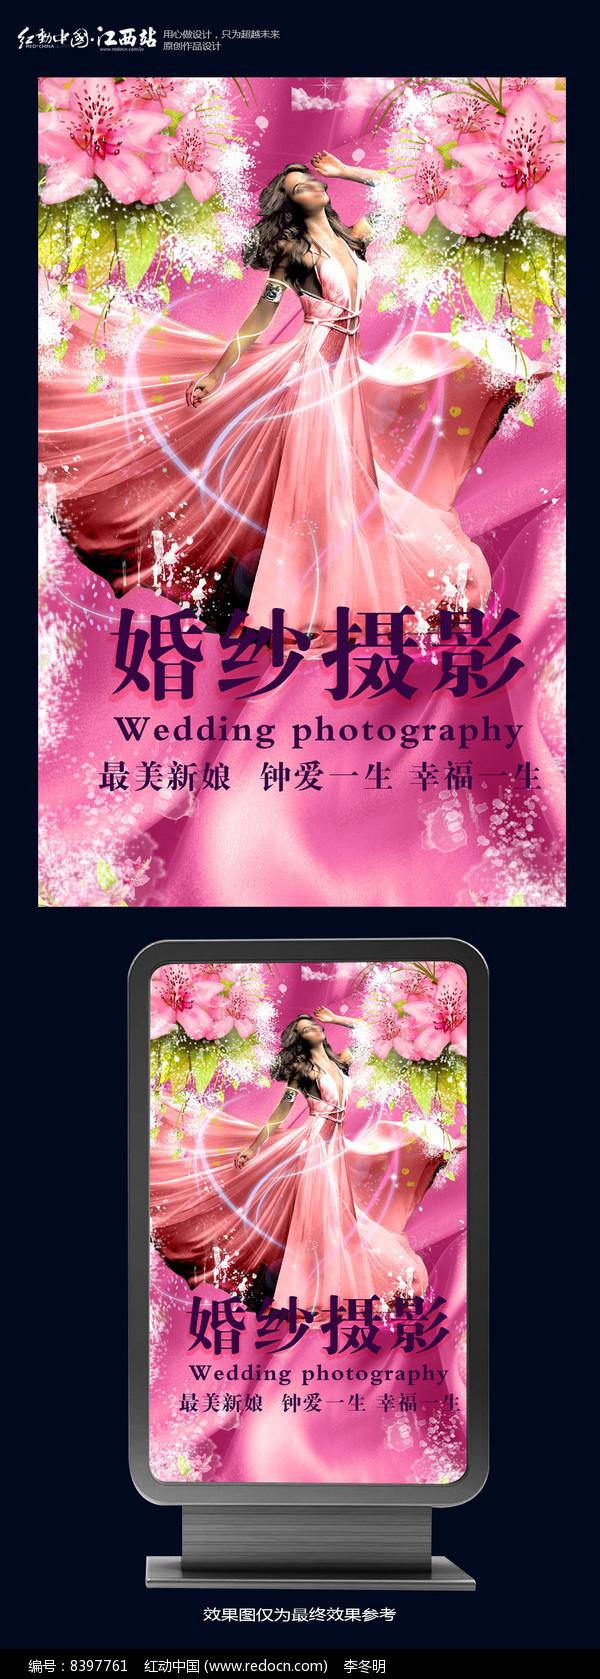 时尚创意婚纱摄影海报设计图片